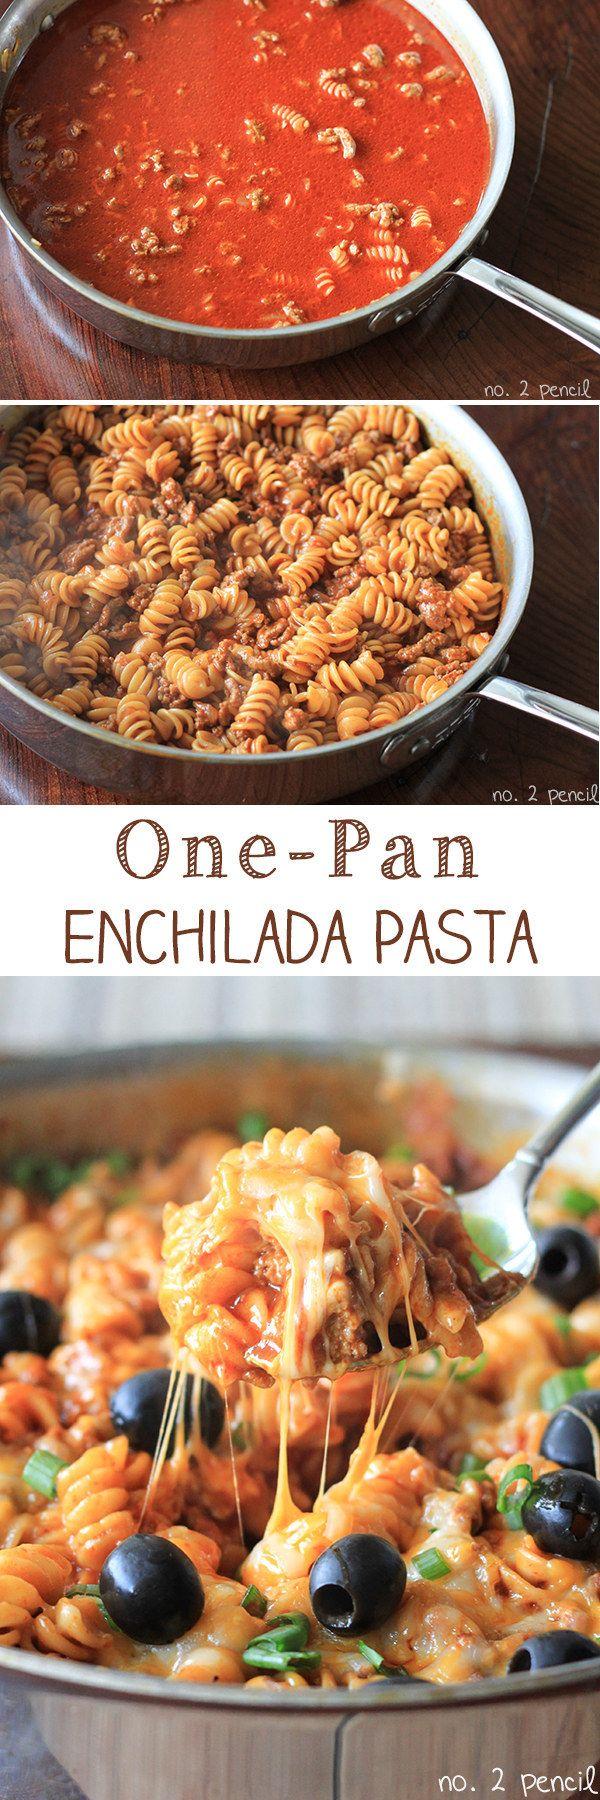 One-Pan Enchilada Pasta plus other one pot pastas